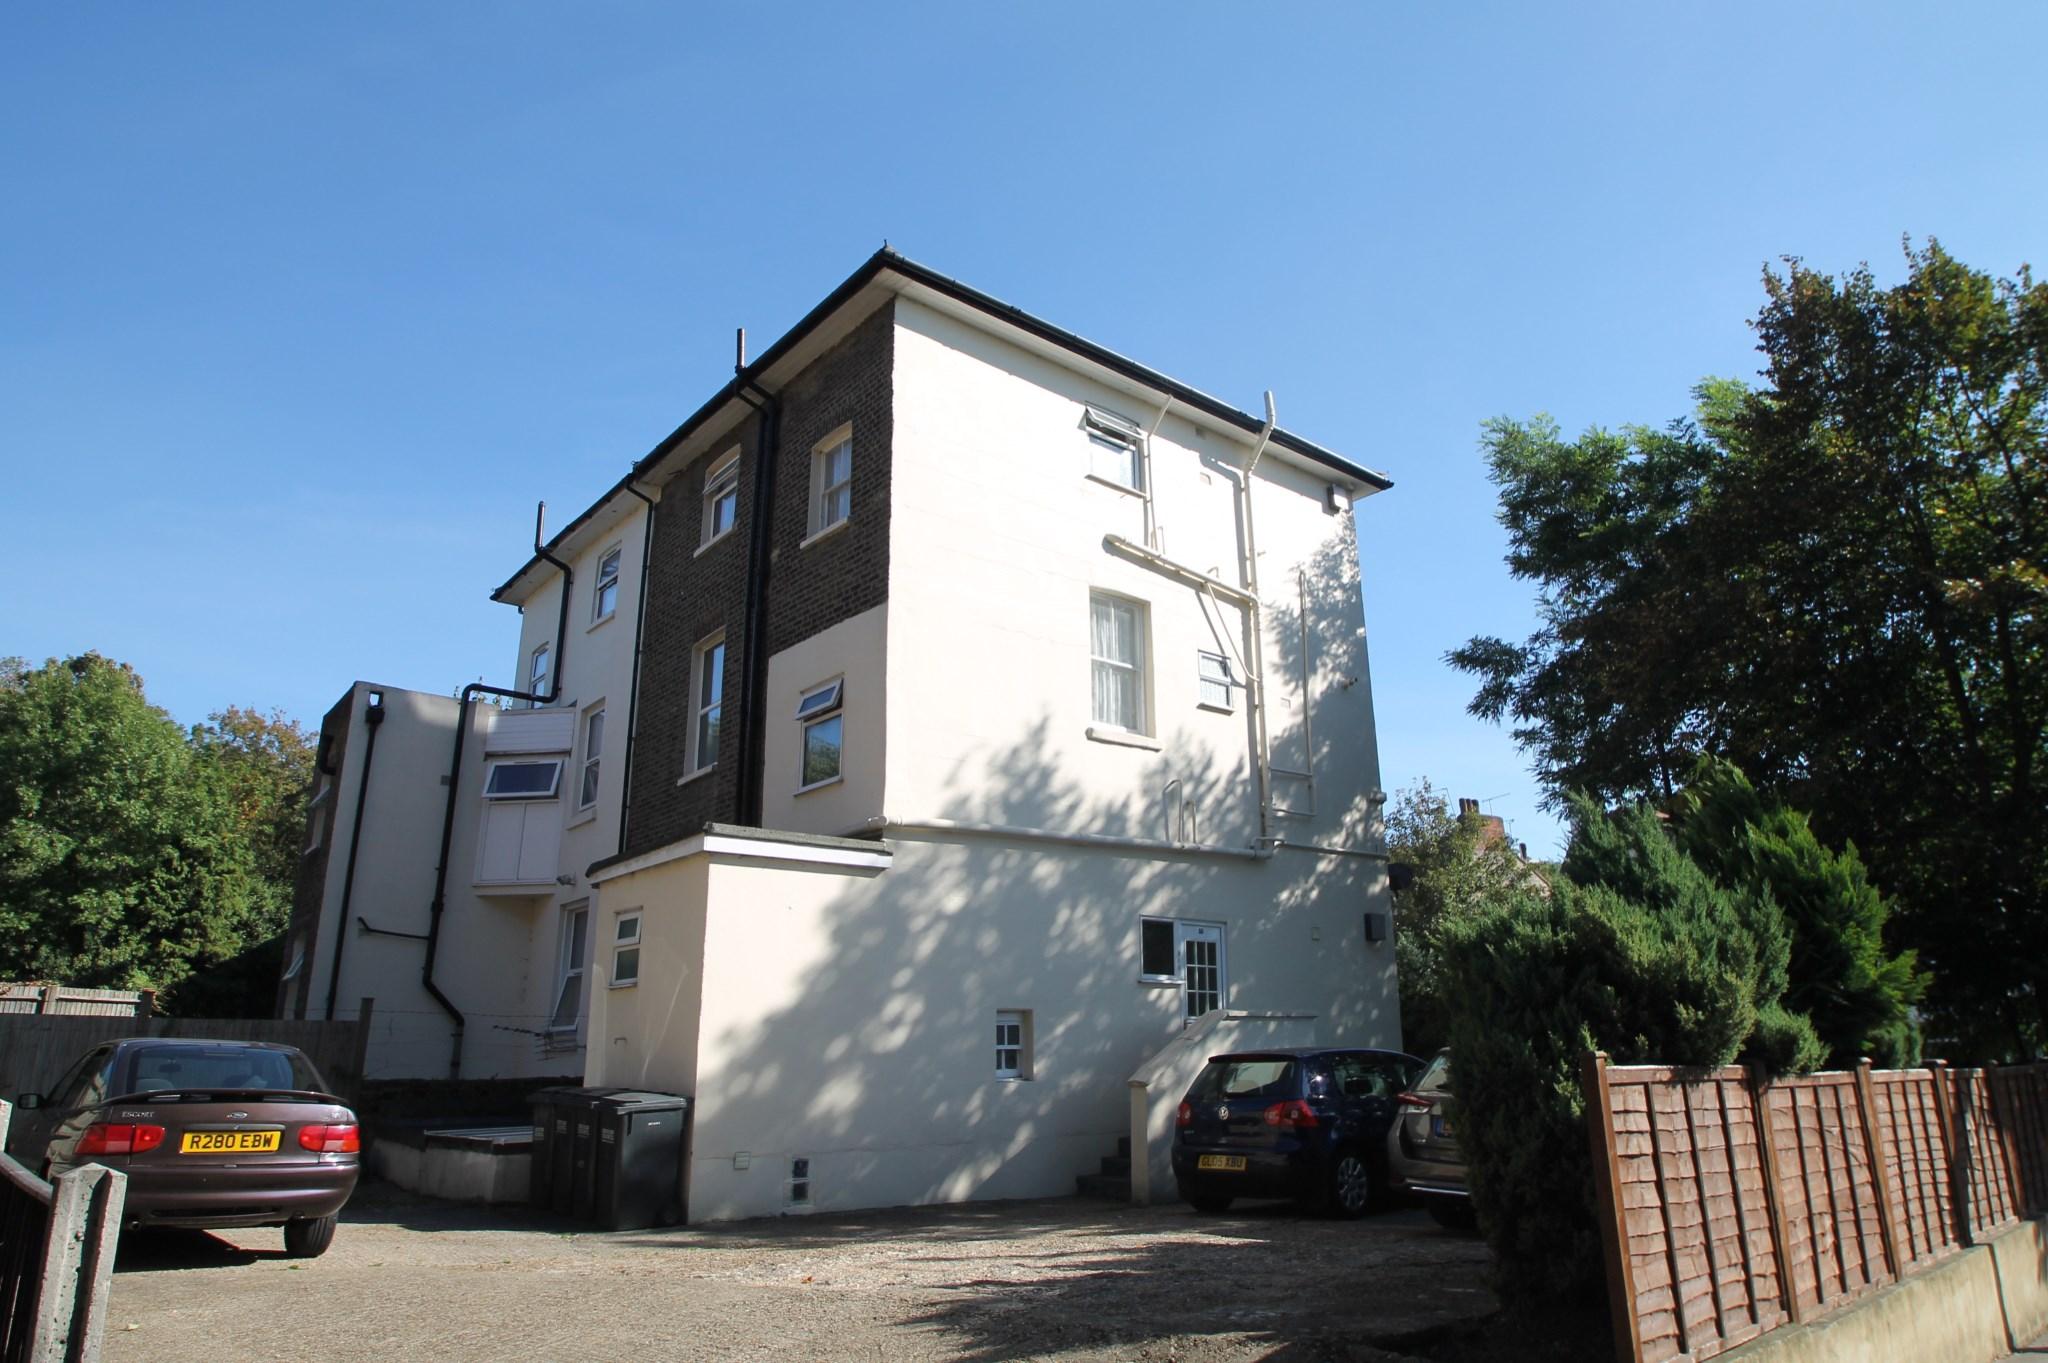 Coombe Road, Croydon, Surrey, ., CR0